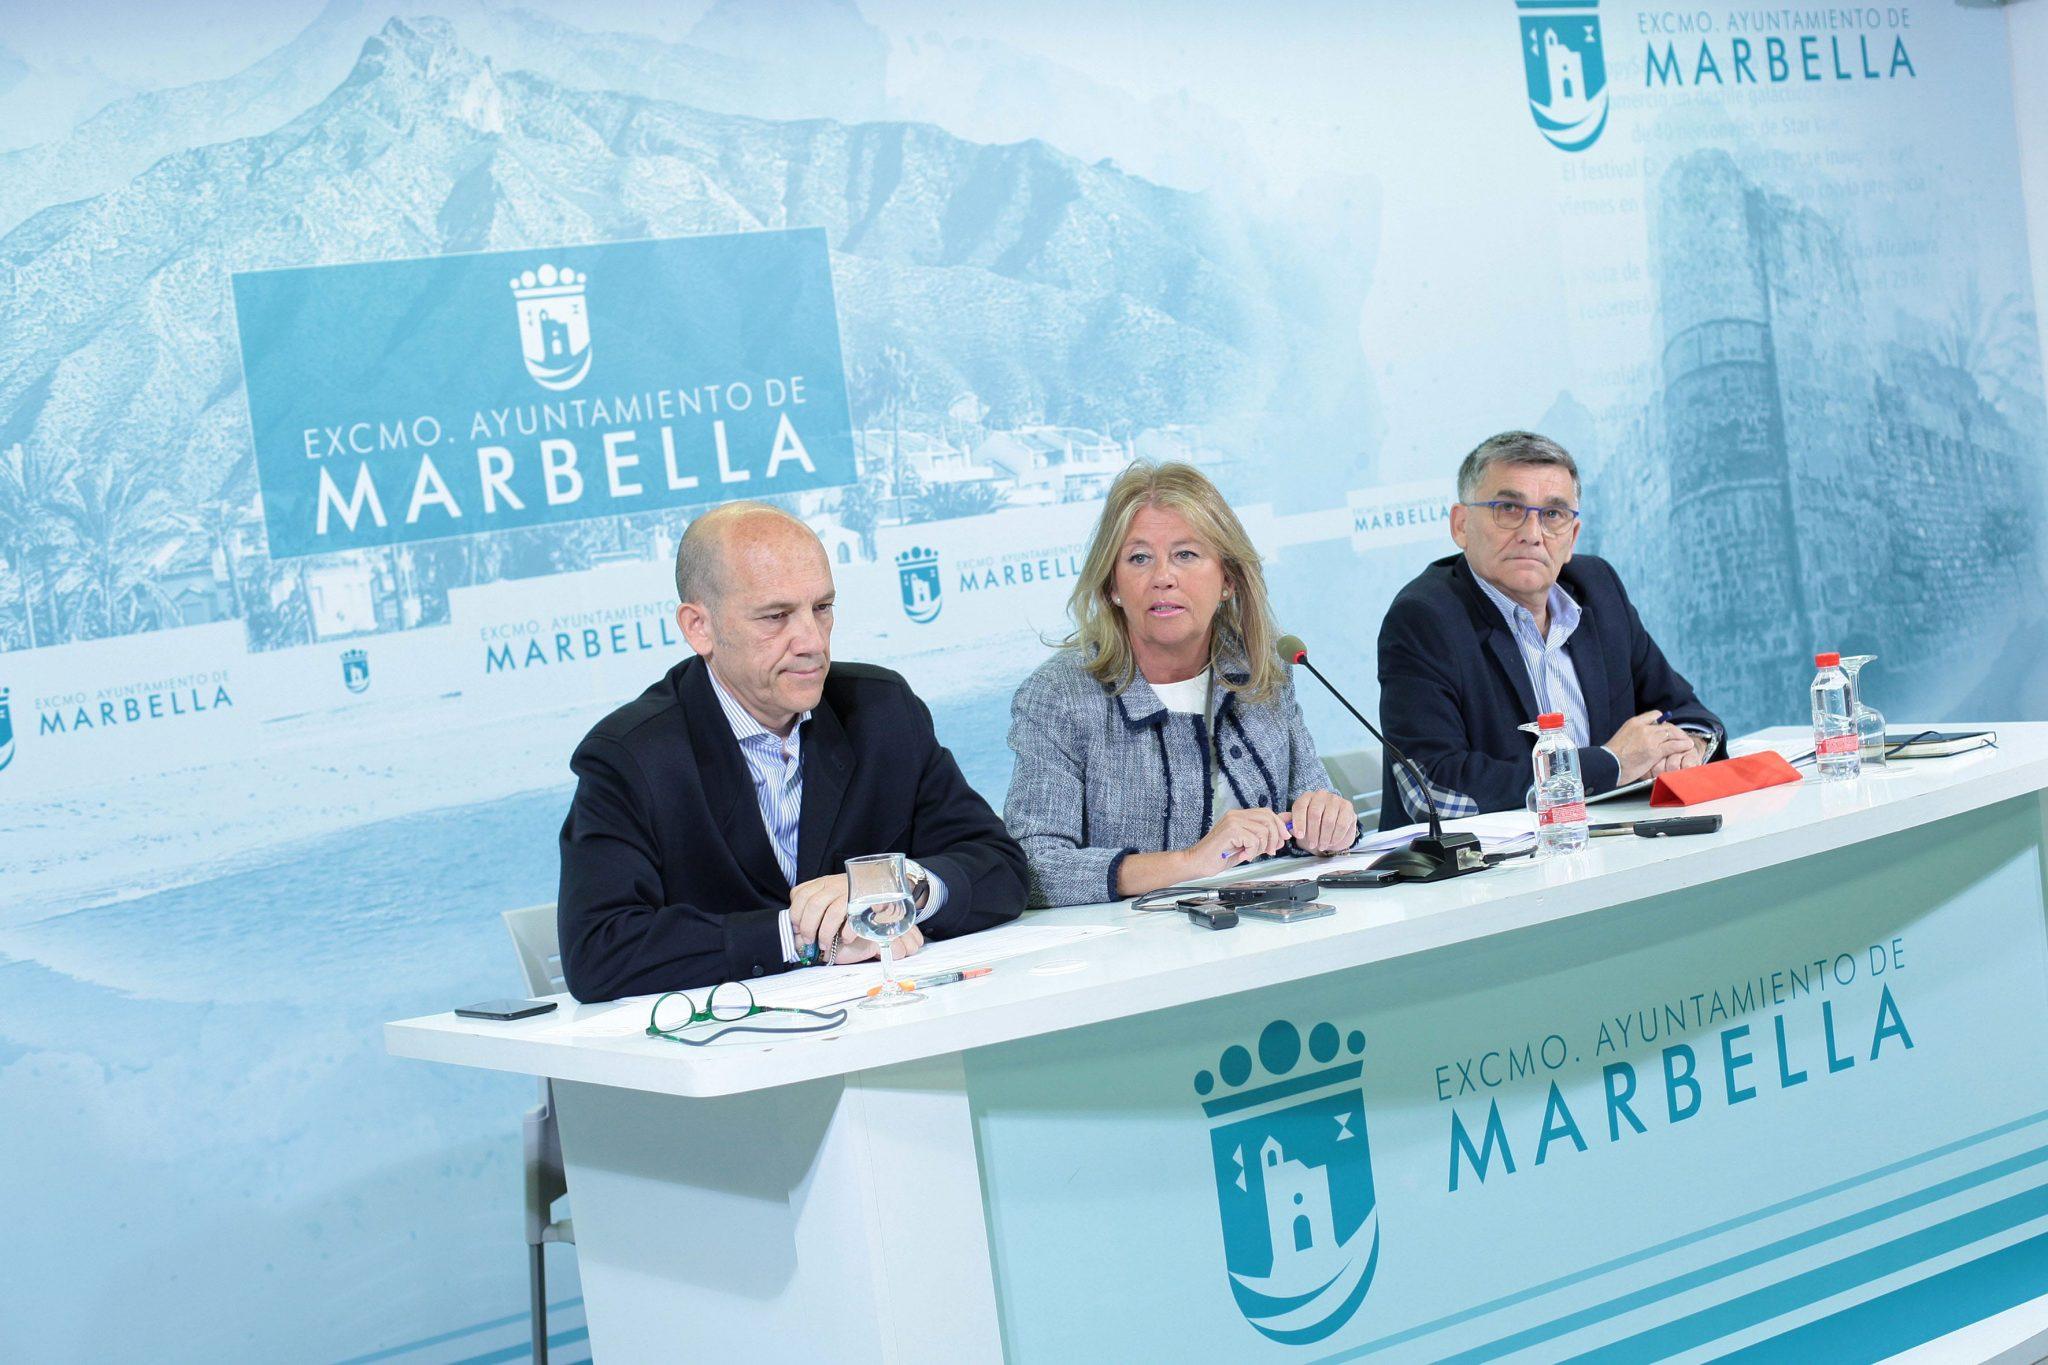 El Ayuntamiento destinará más de 20 millones de euros en el Plan de Inversiones Financieramente Sostenibles